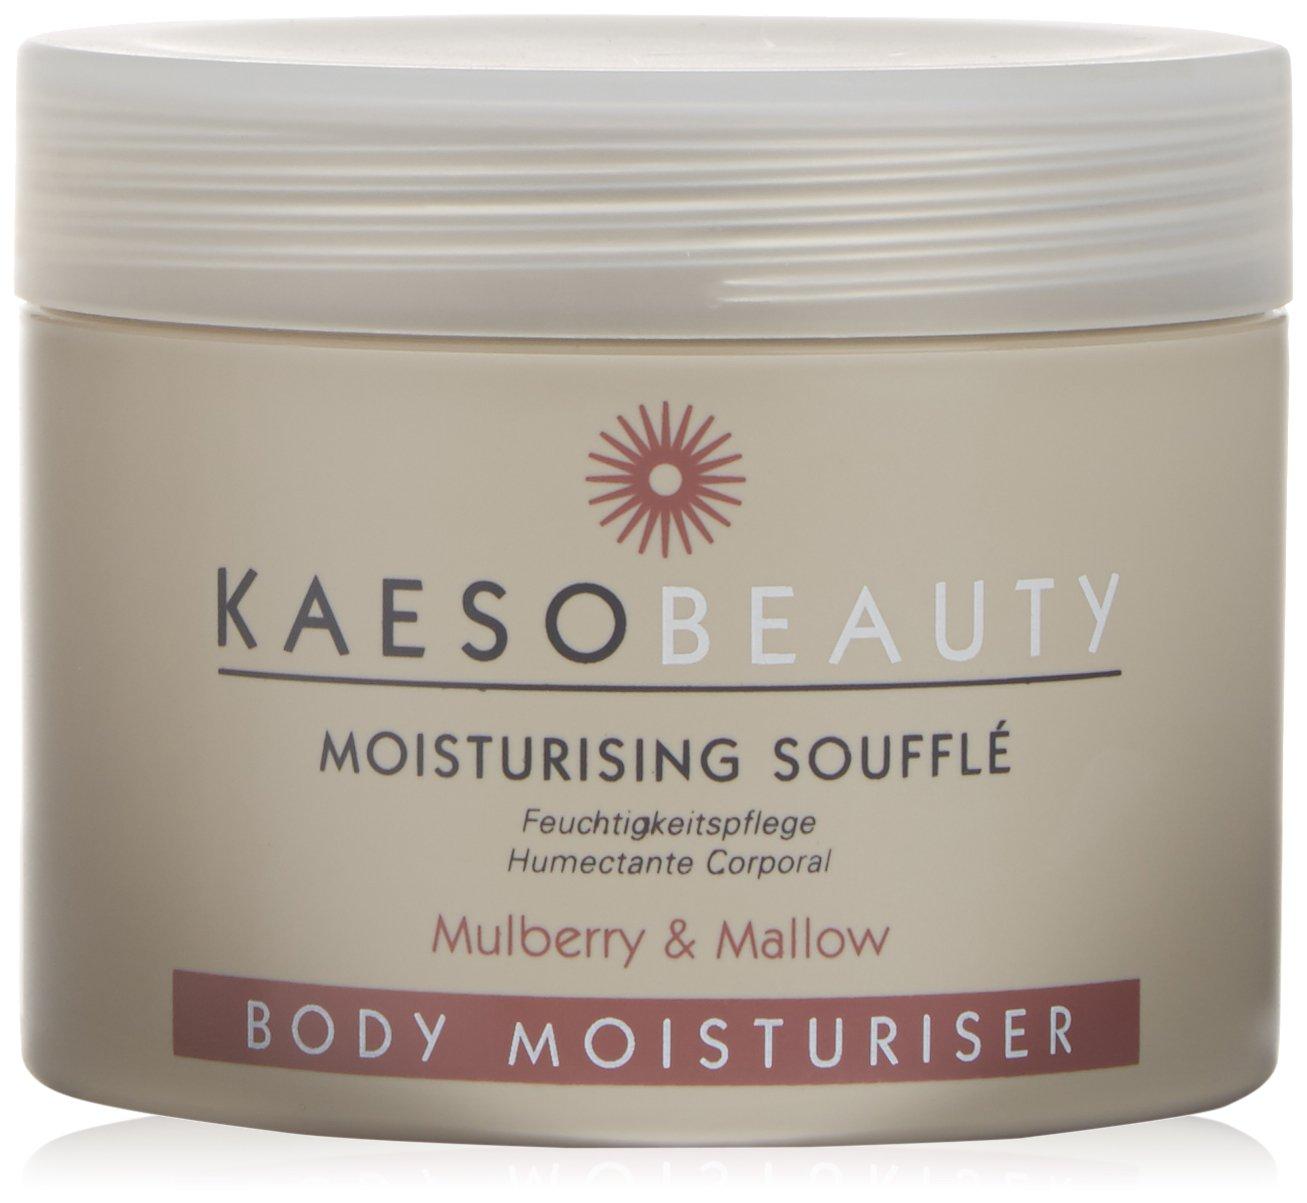 Kaeso Beauty Massage Moisturising Souffle Body Moisturiser Mulberry And Mallow (450ml)